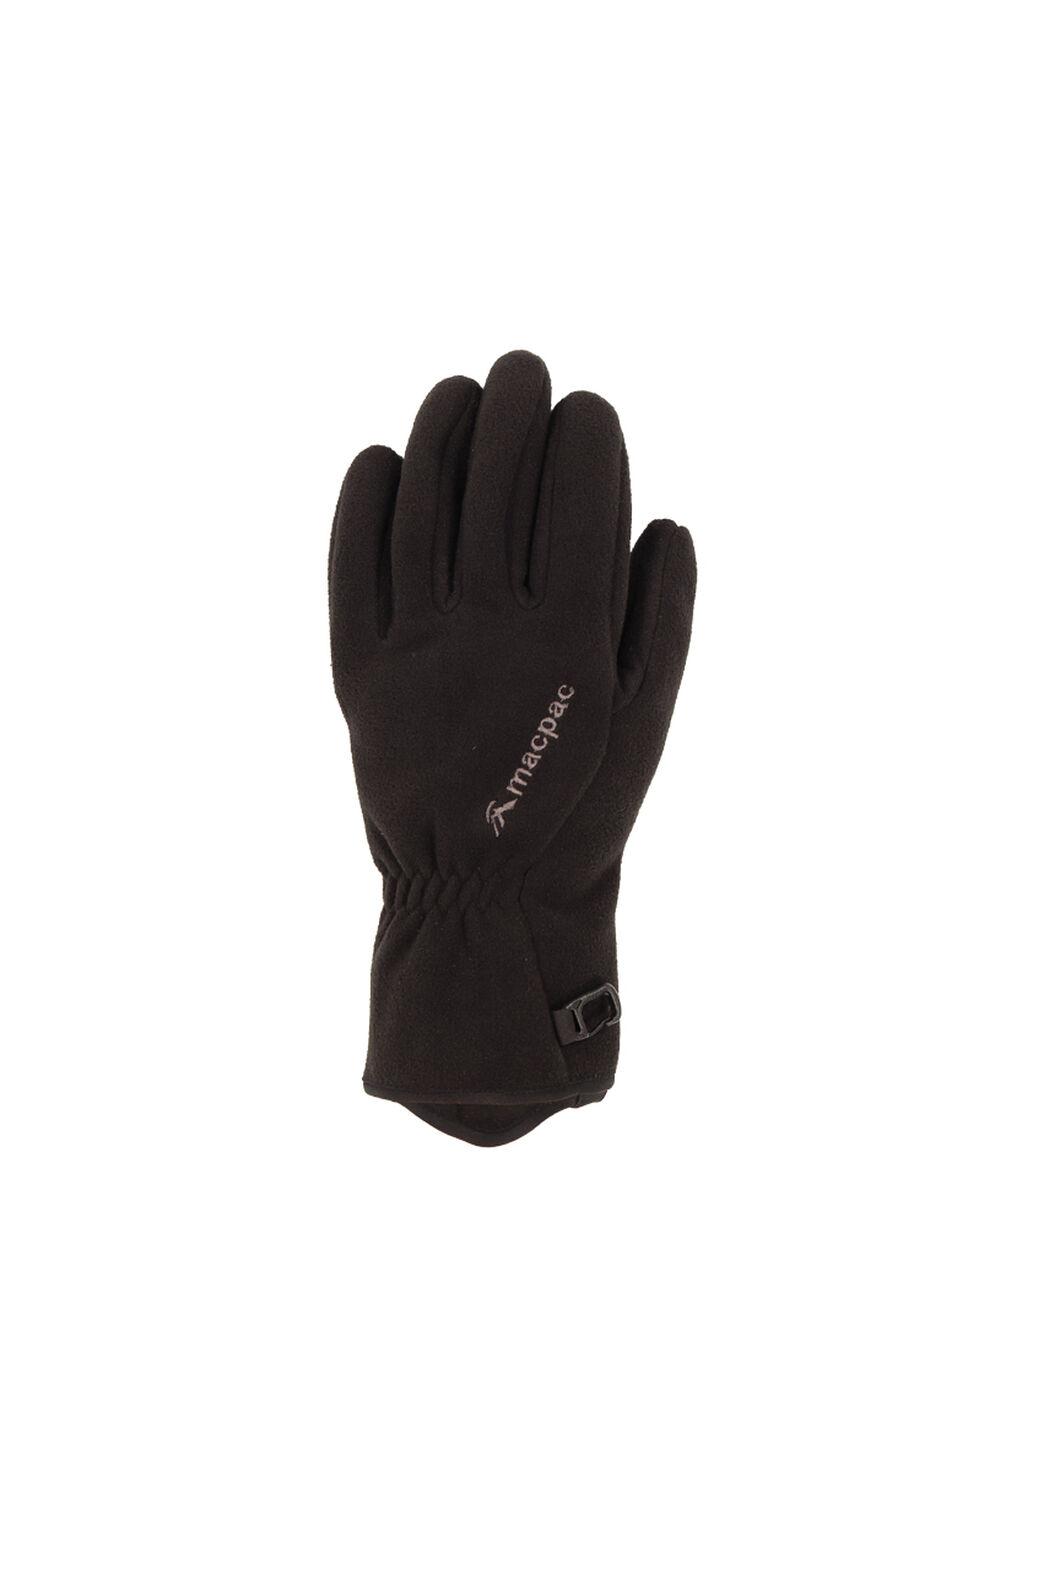 Flurry Gloves, Black, hi-res